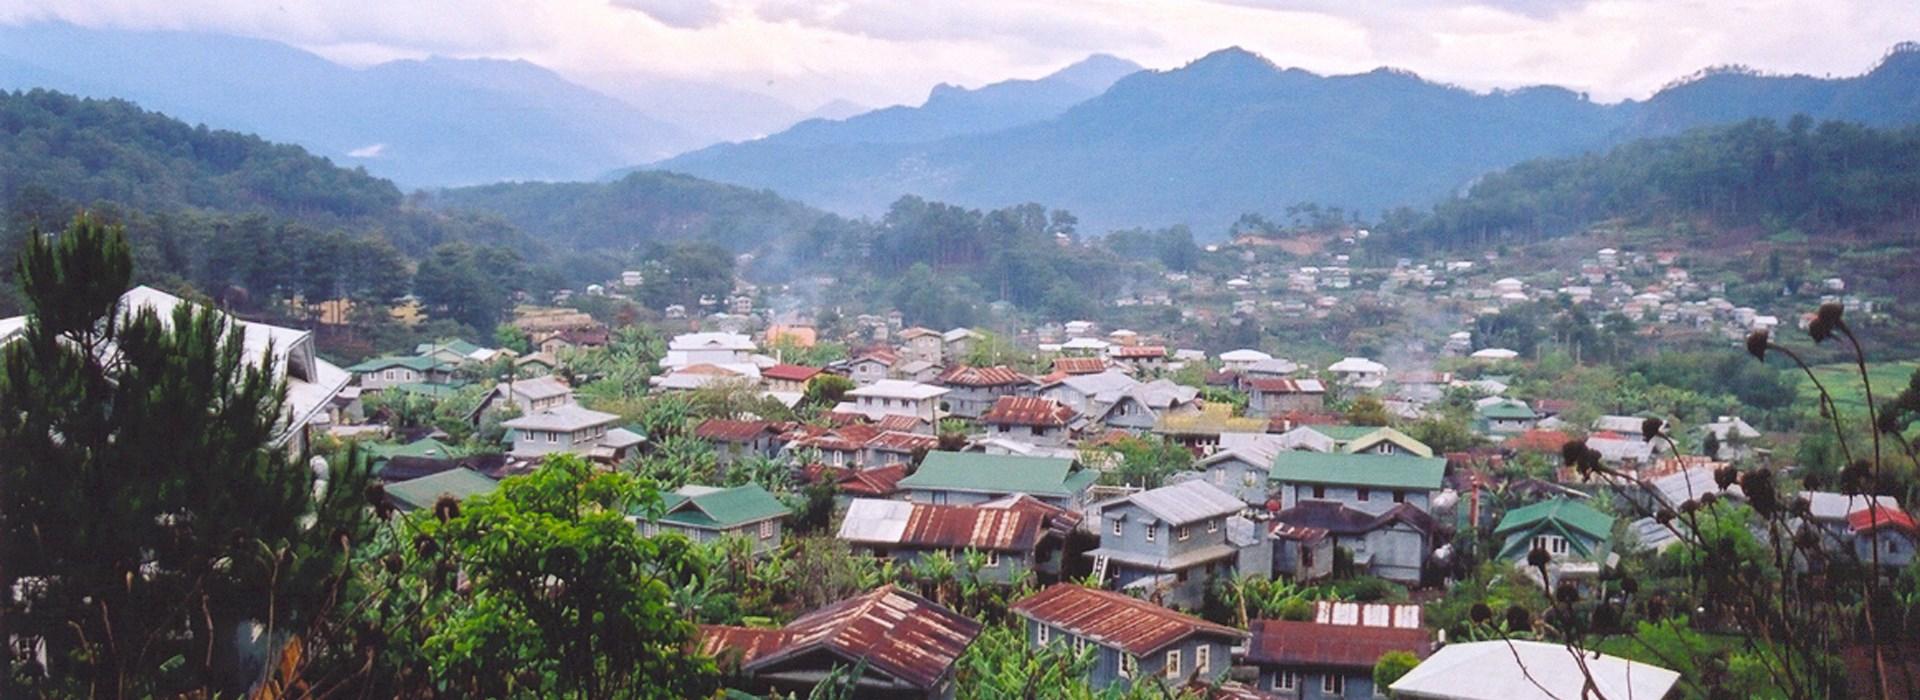 rencontres Baguio Rune Factory 4 rencontre pas à pas